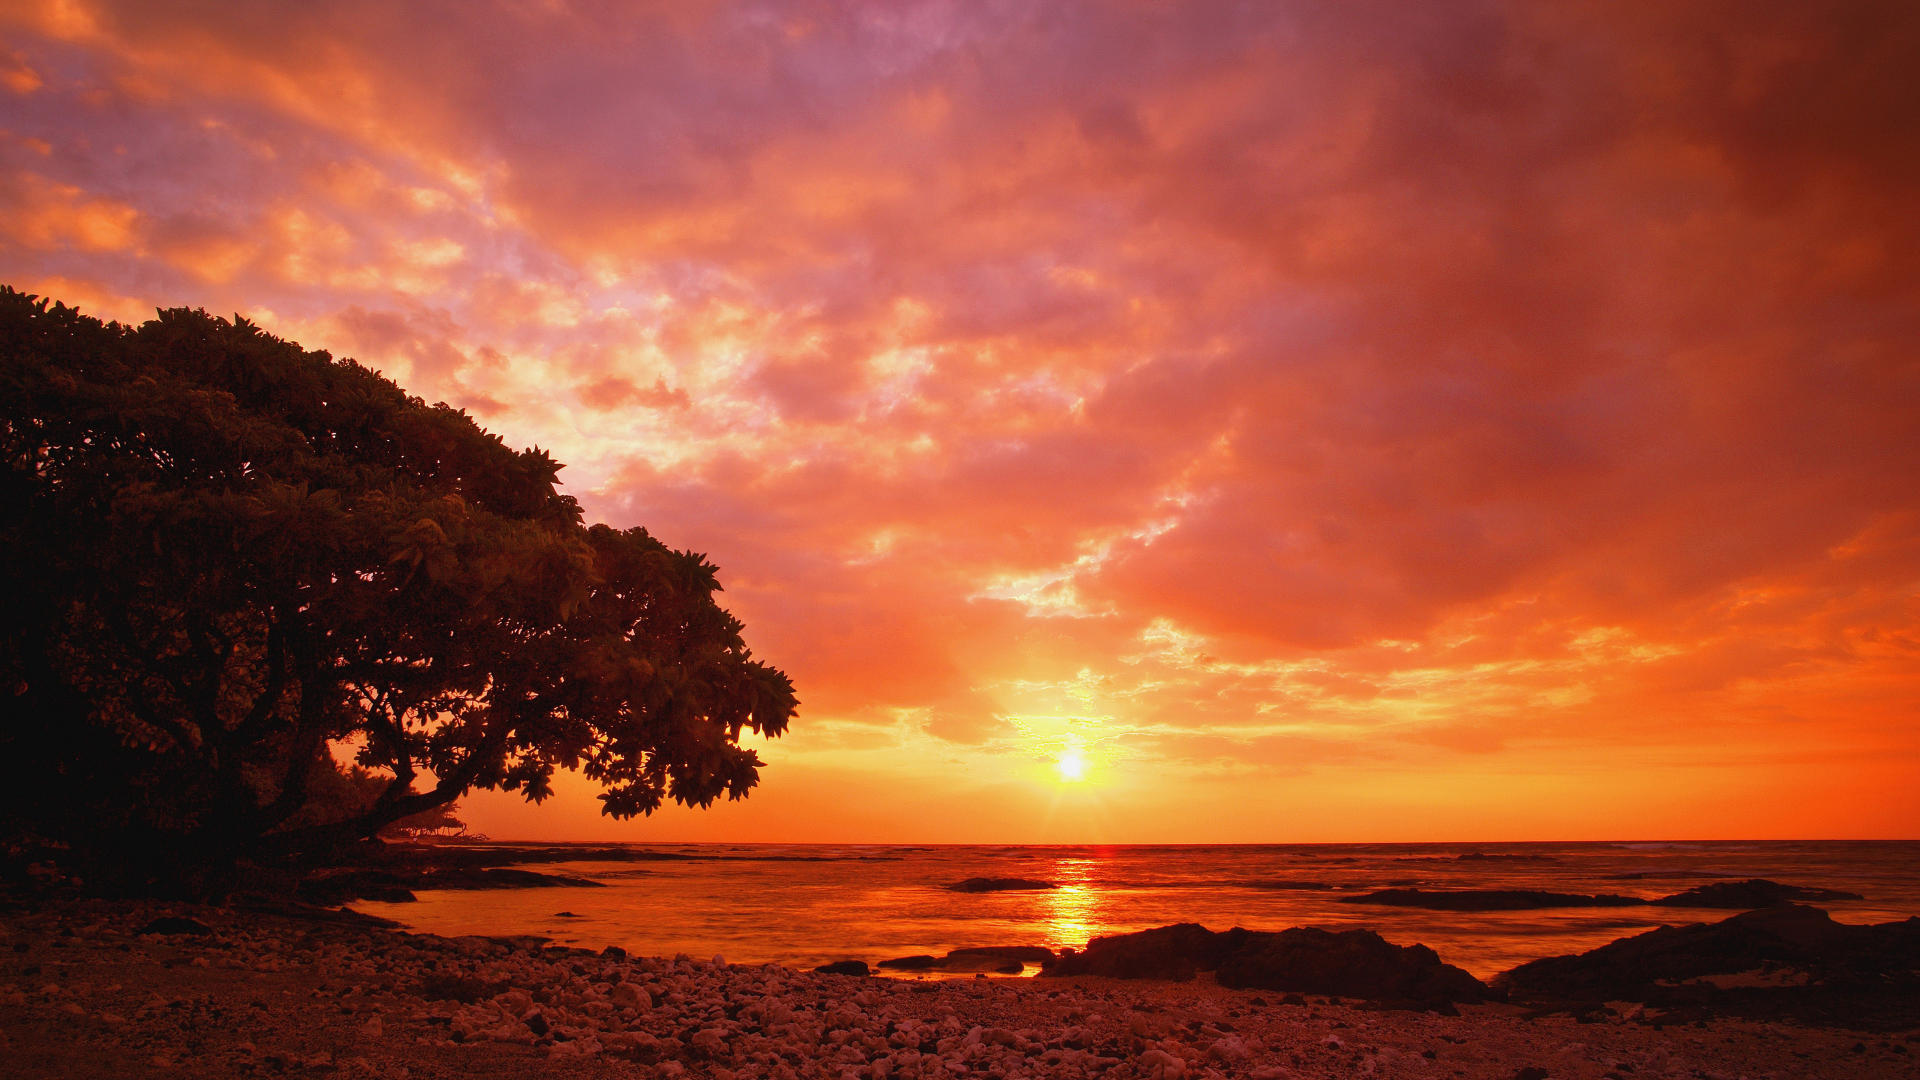 Ocean Sunset Backgrounds Hd wallpaper wallpaper hd background 1920x1080